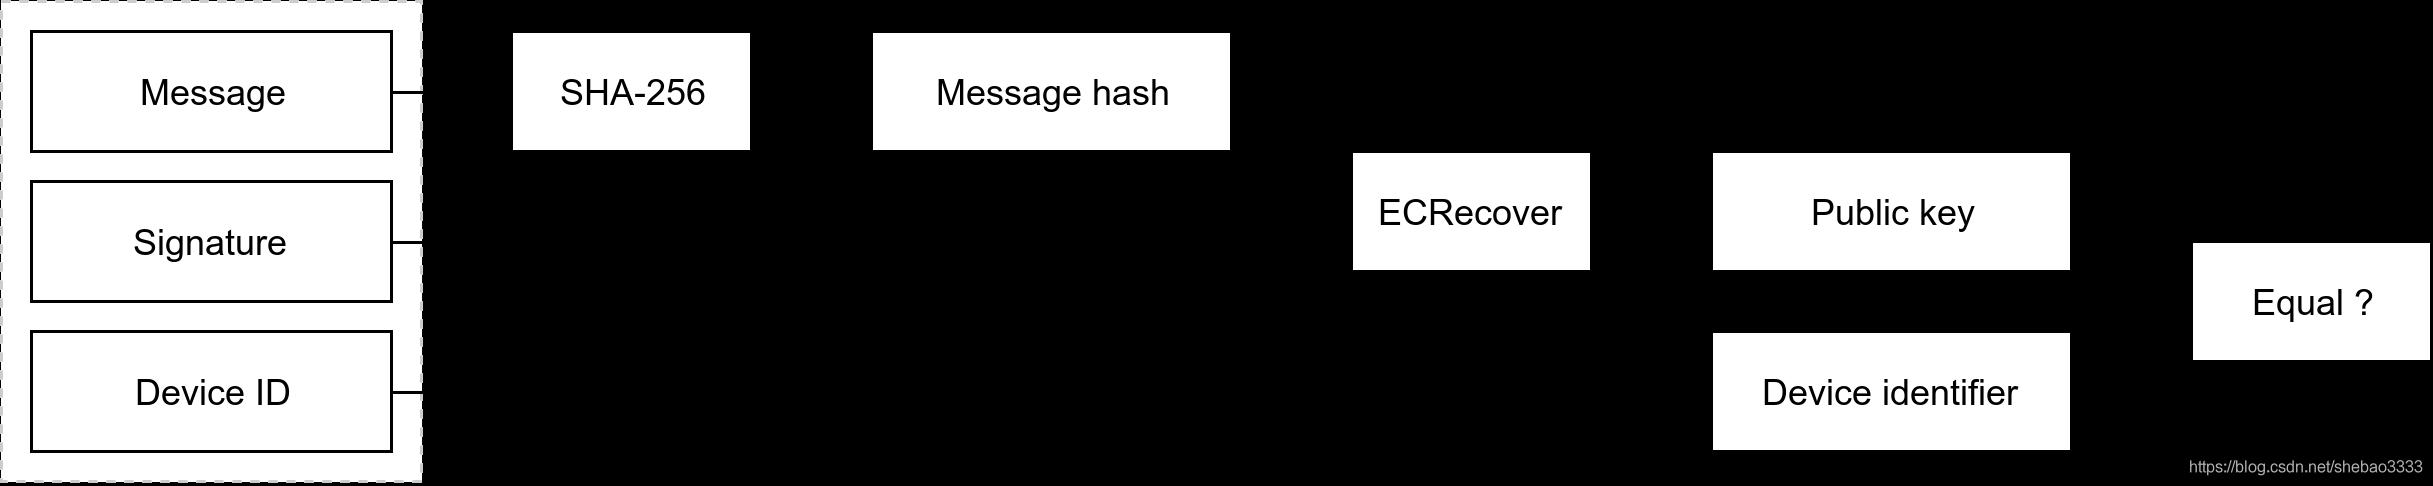 [外链图片转存失败,源站可能有防盗链机制,建议将图片保存下来直接上传(img-DDluZLzb-1580862797777)(ethereum-iot-device-management/verify.png)]